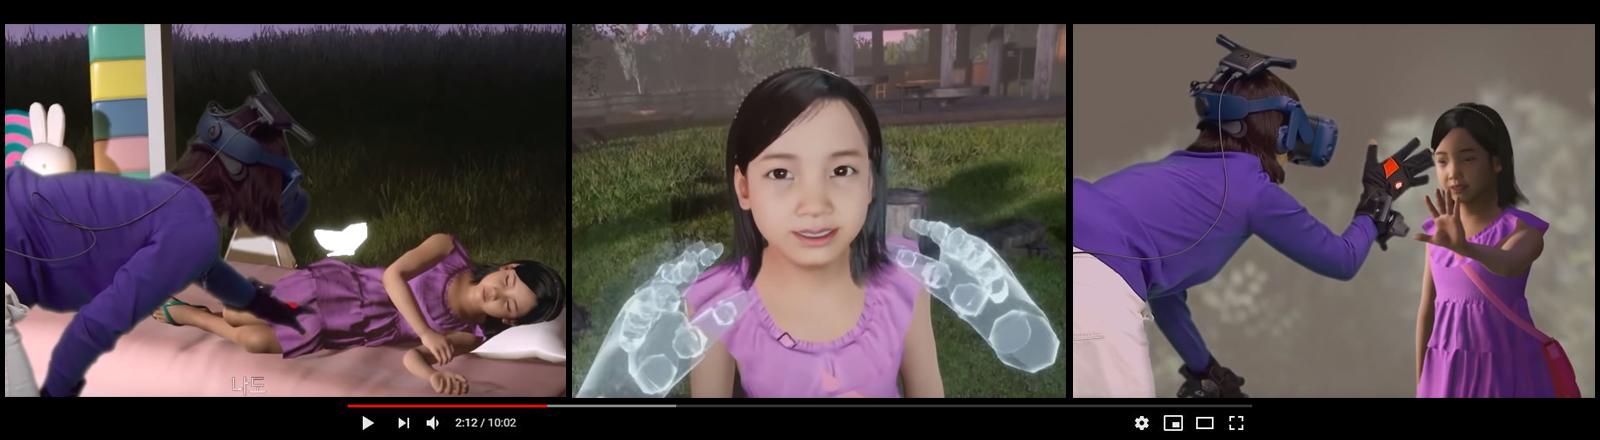 Das VR-Mädchen Nayeon mit ihrer echten Mutter, die ein Virtual-Reality-Headset trägt.